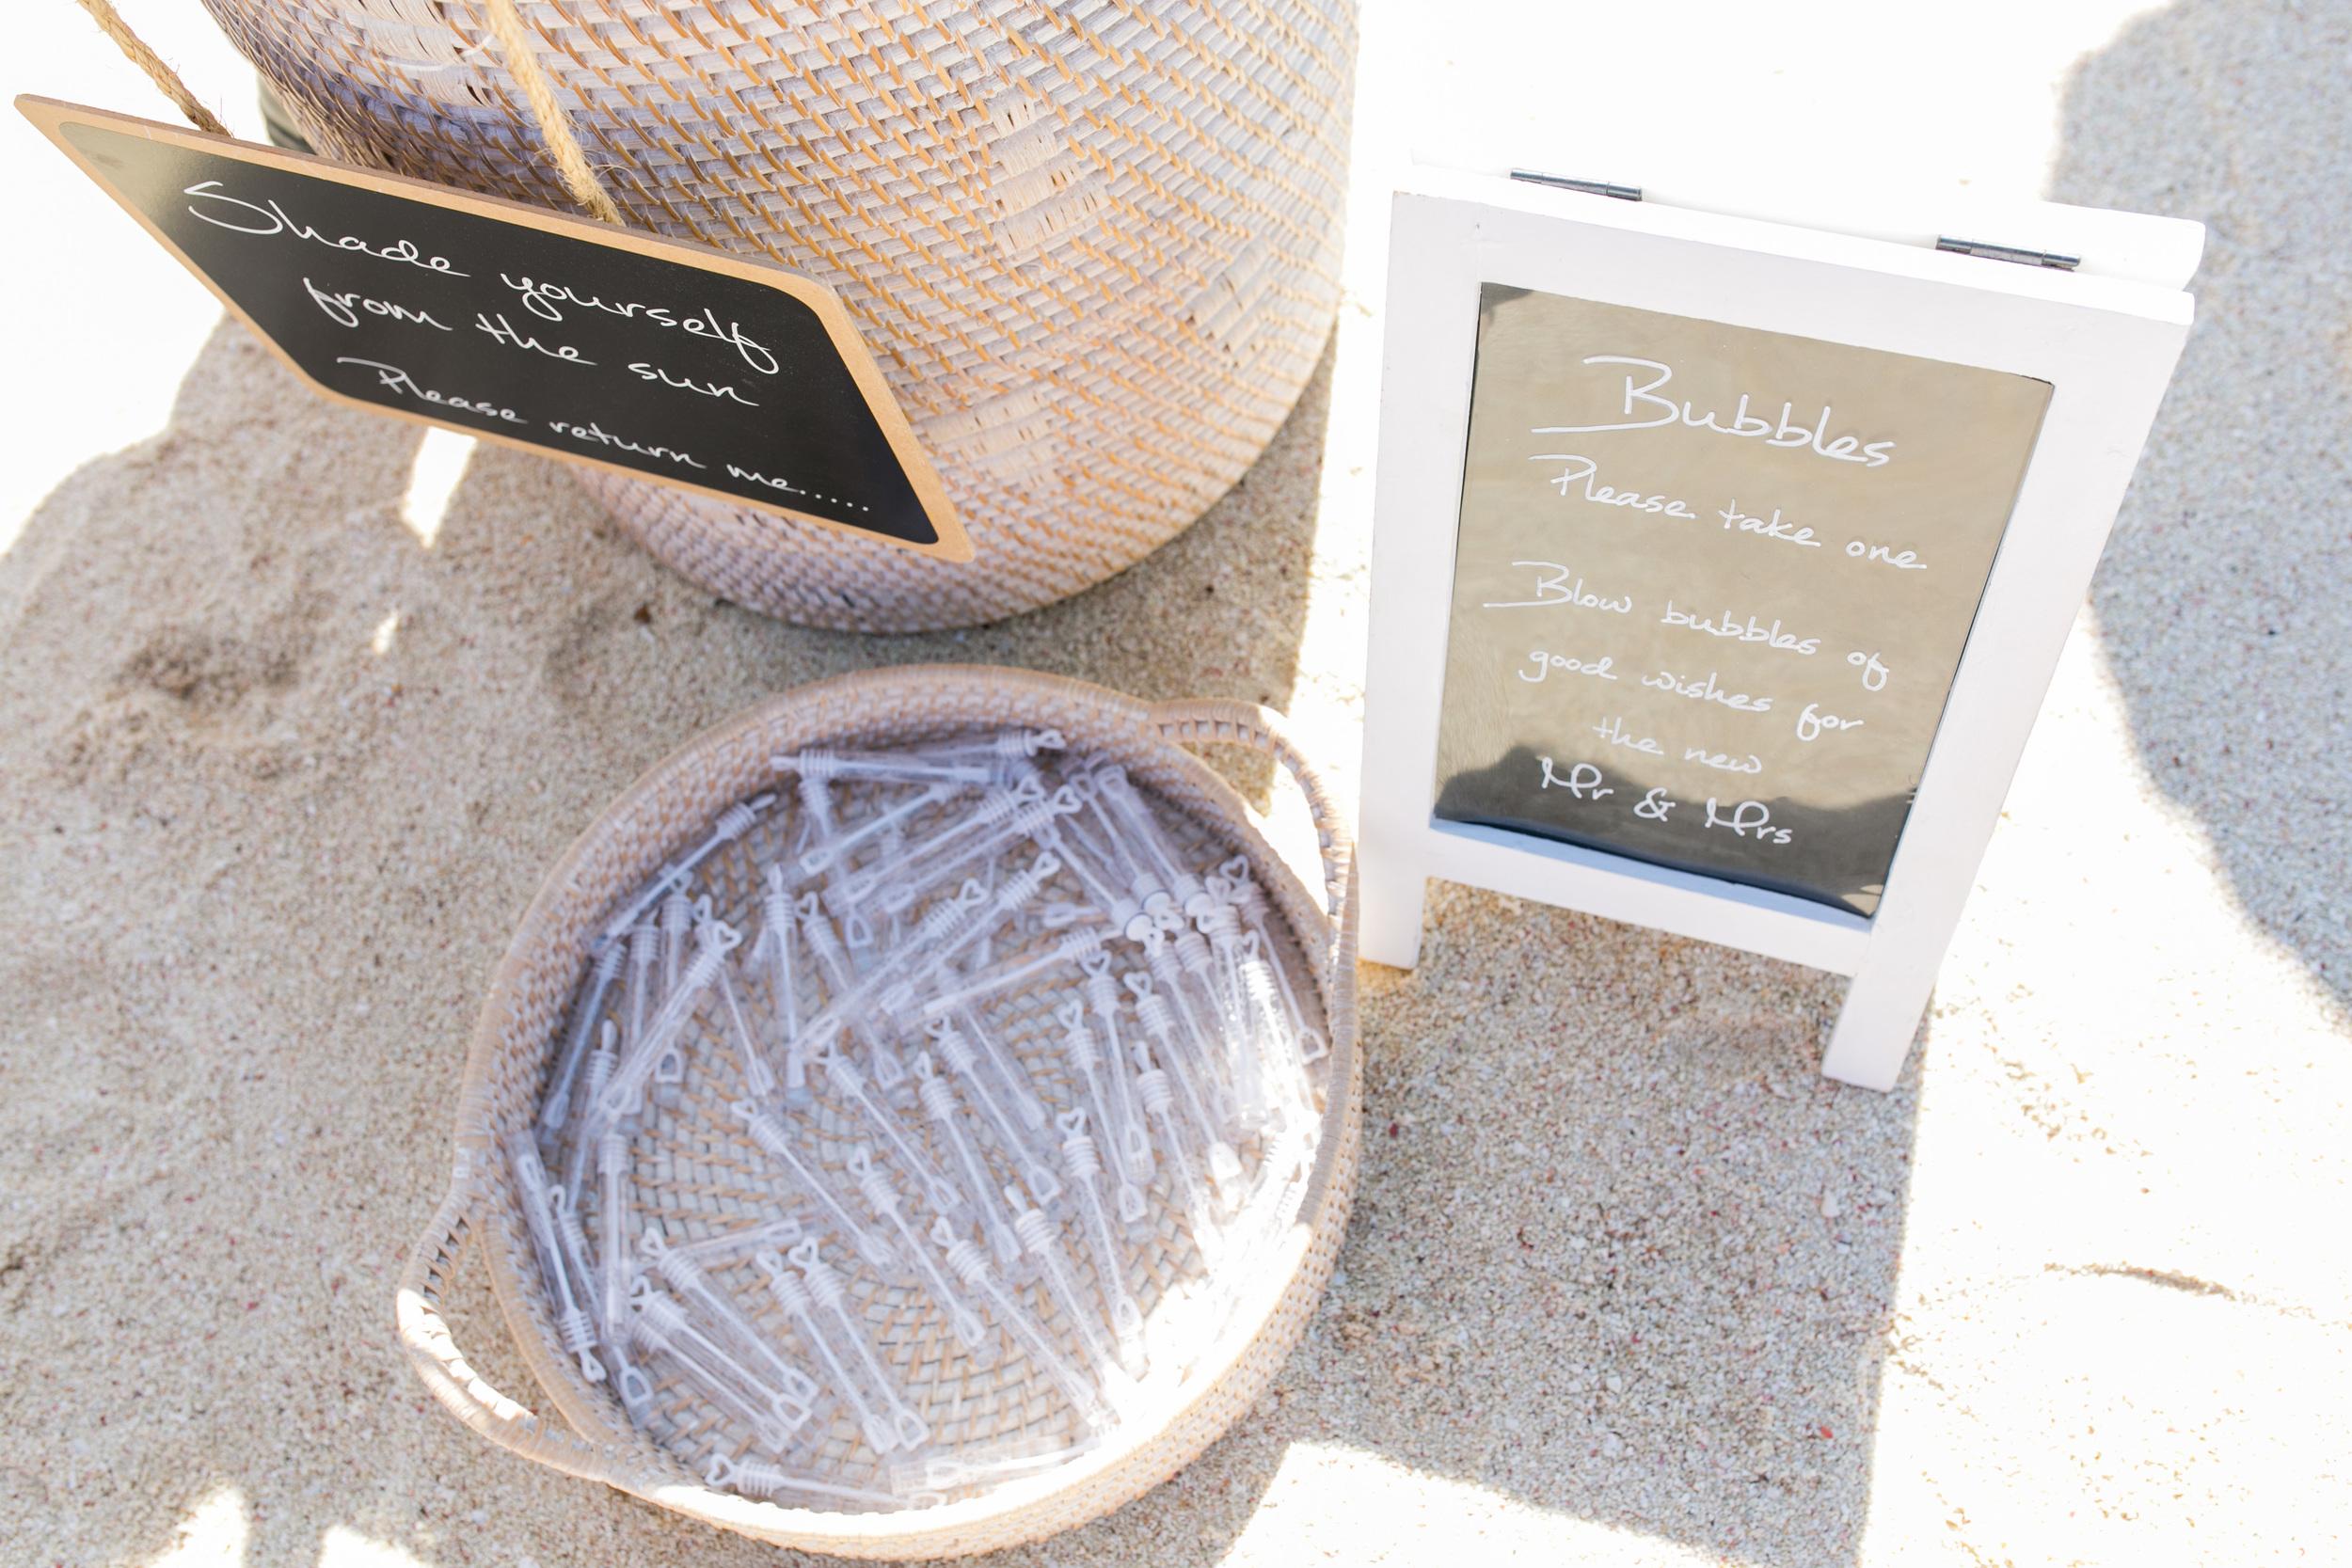 White Washed Baskets & Customised Chalk Board